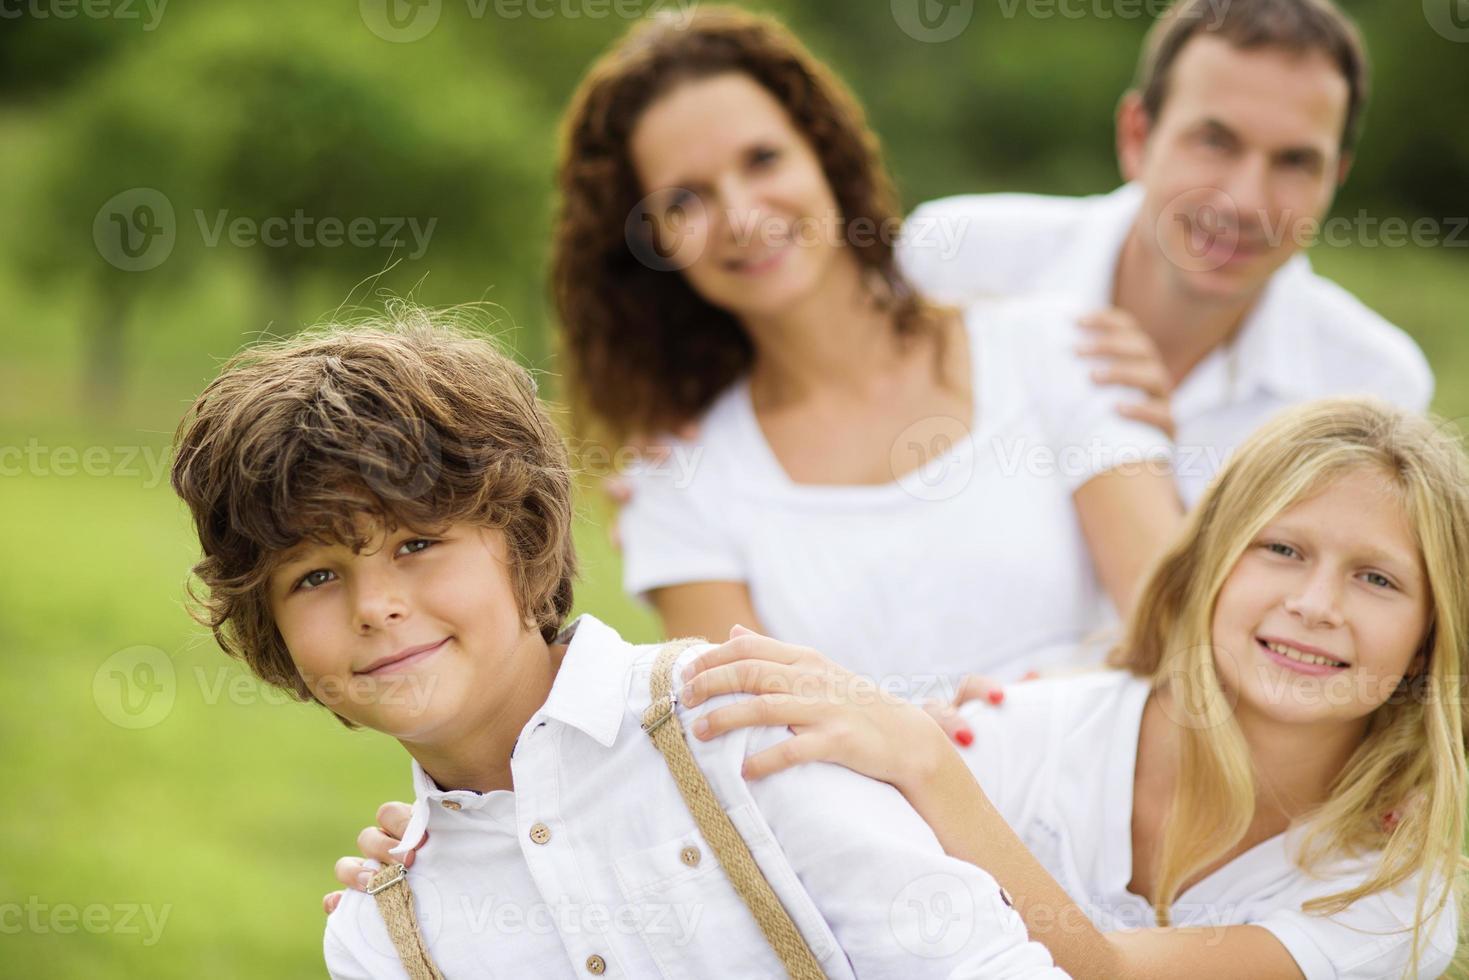 la grande famiglia è rilassante nella natura verde foto